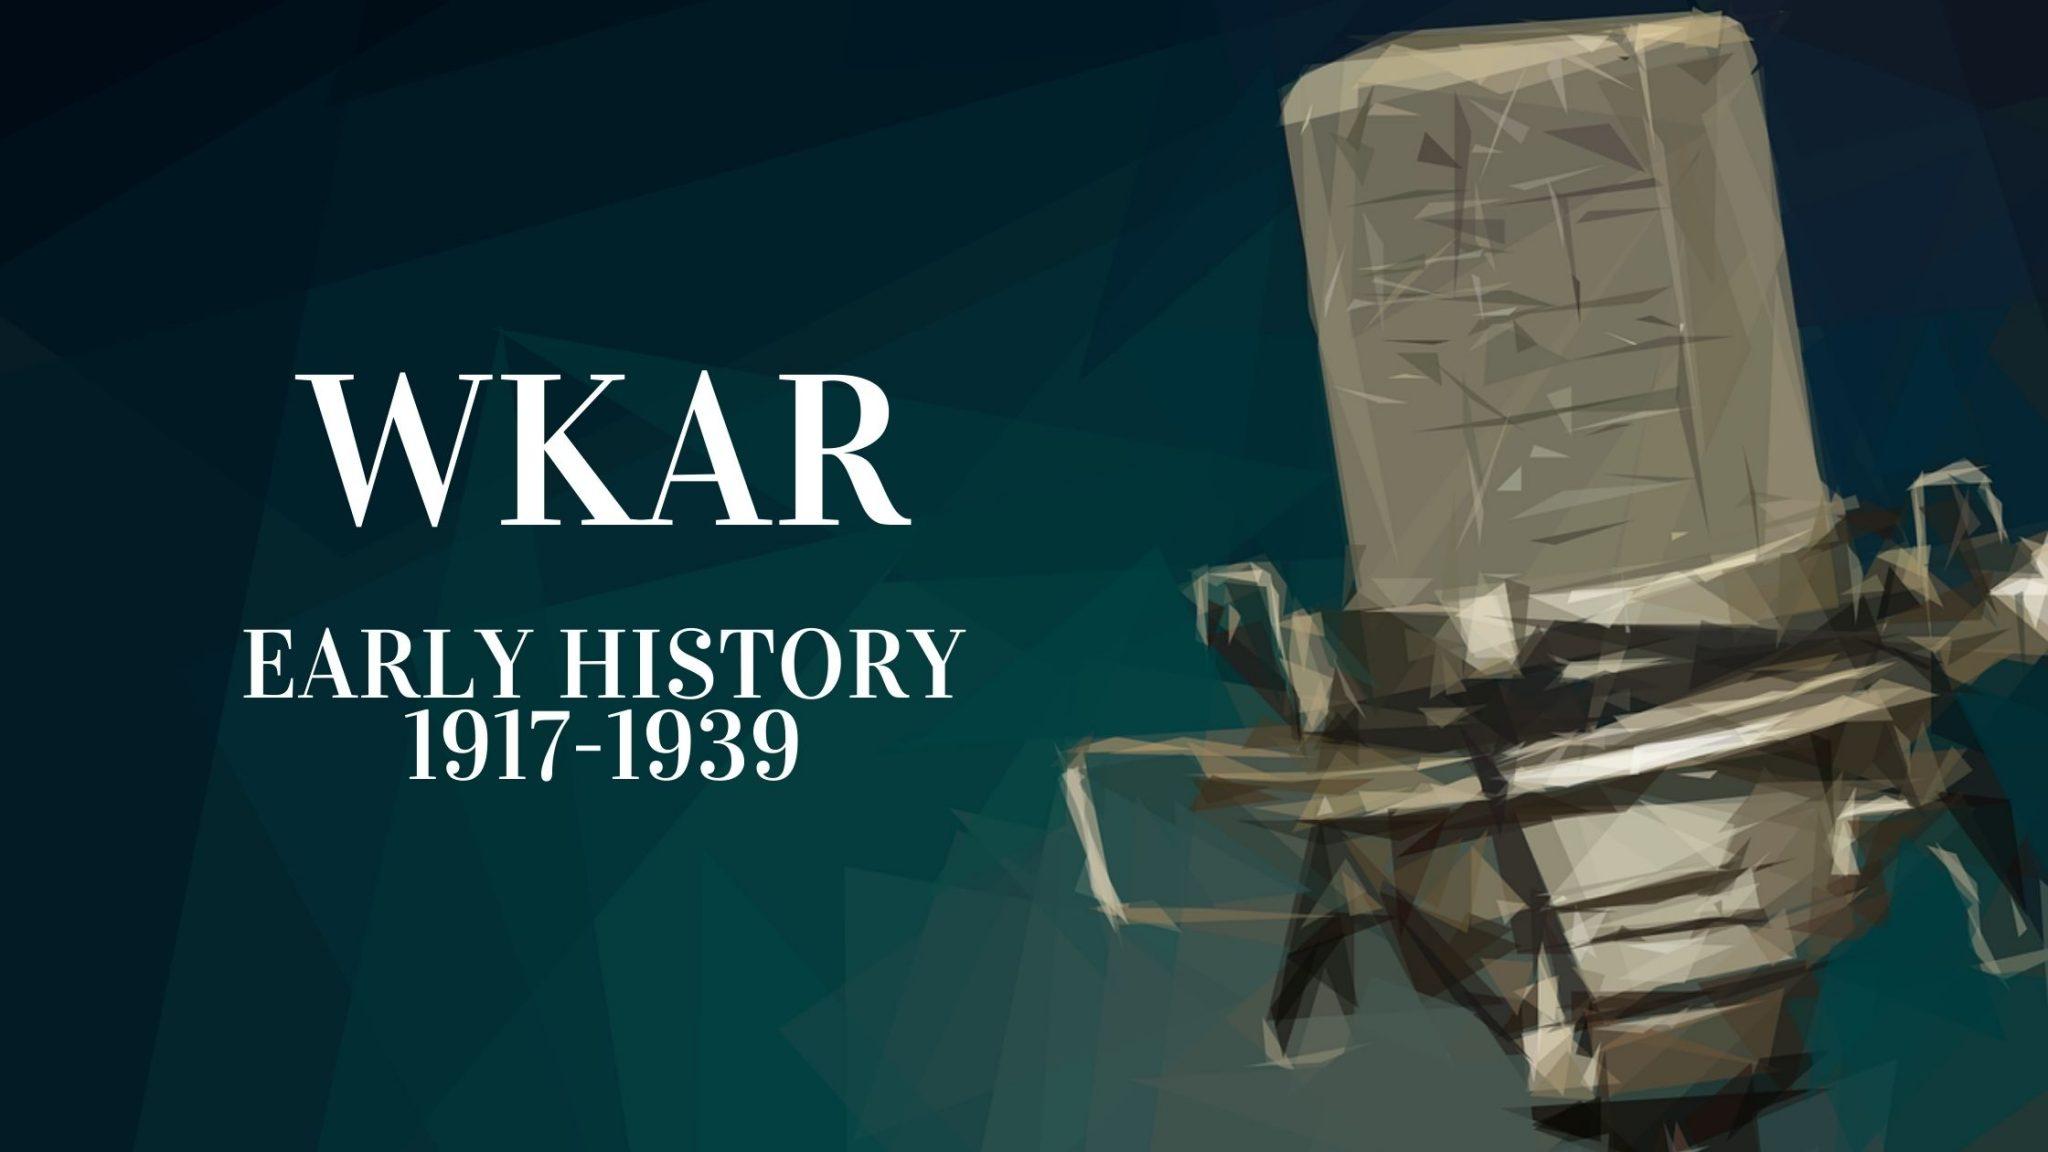 WKAR Early History 1917-1939